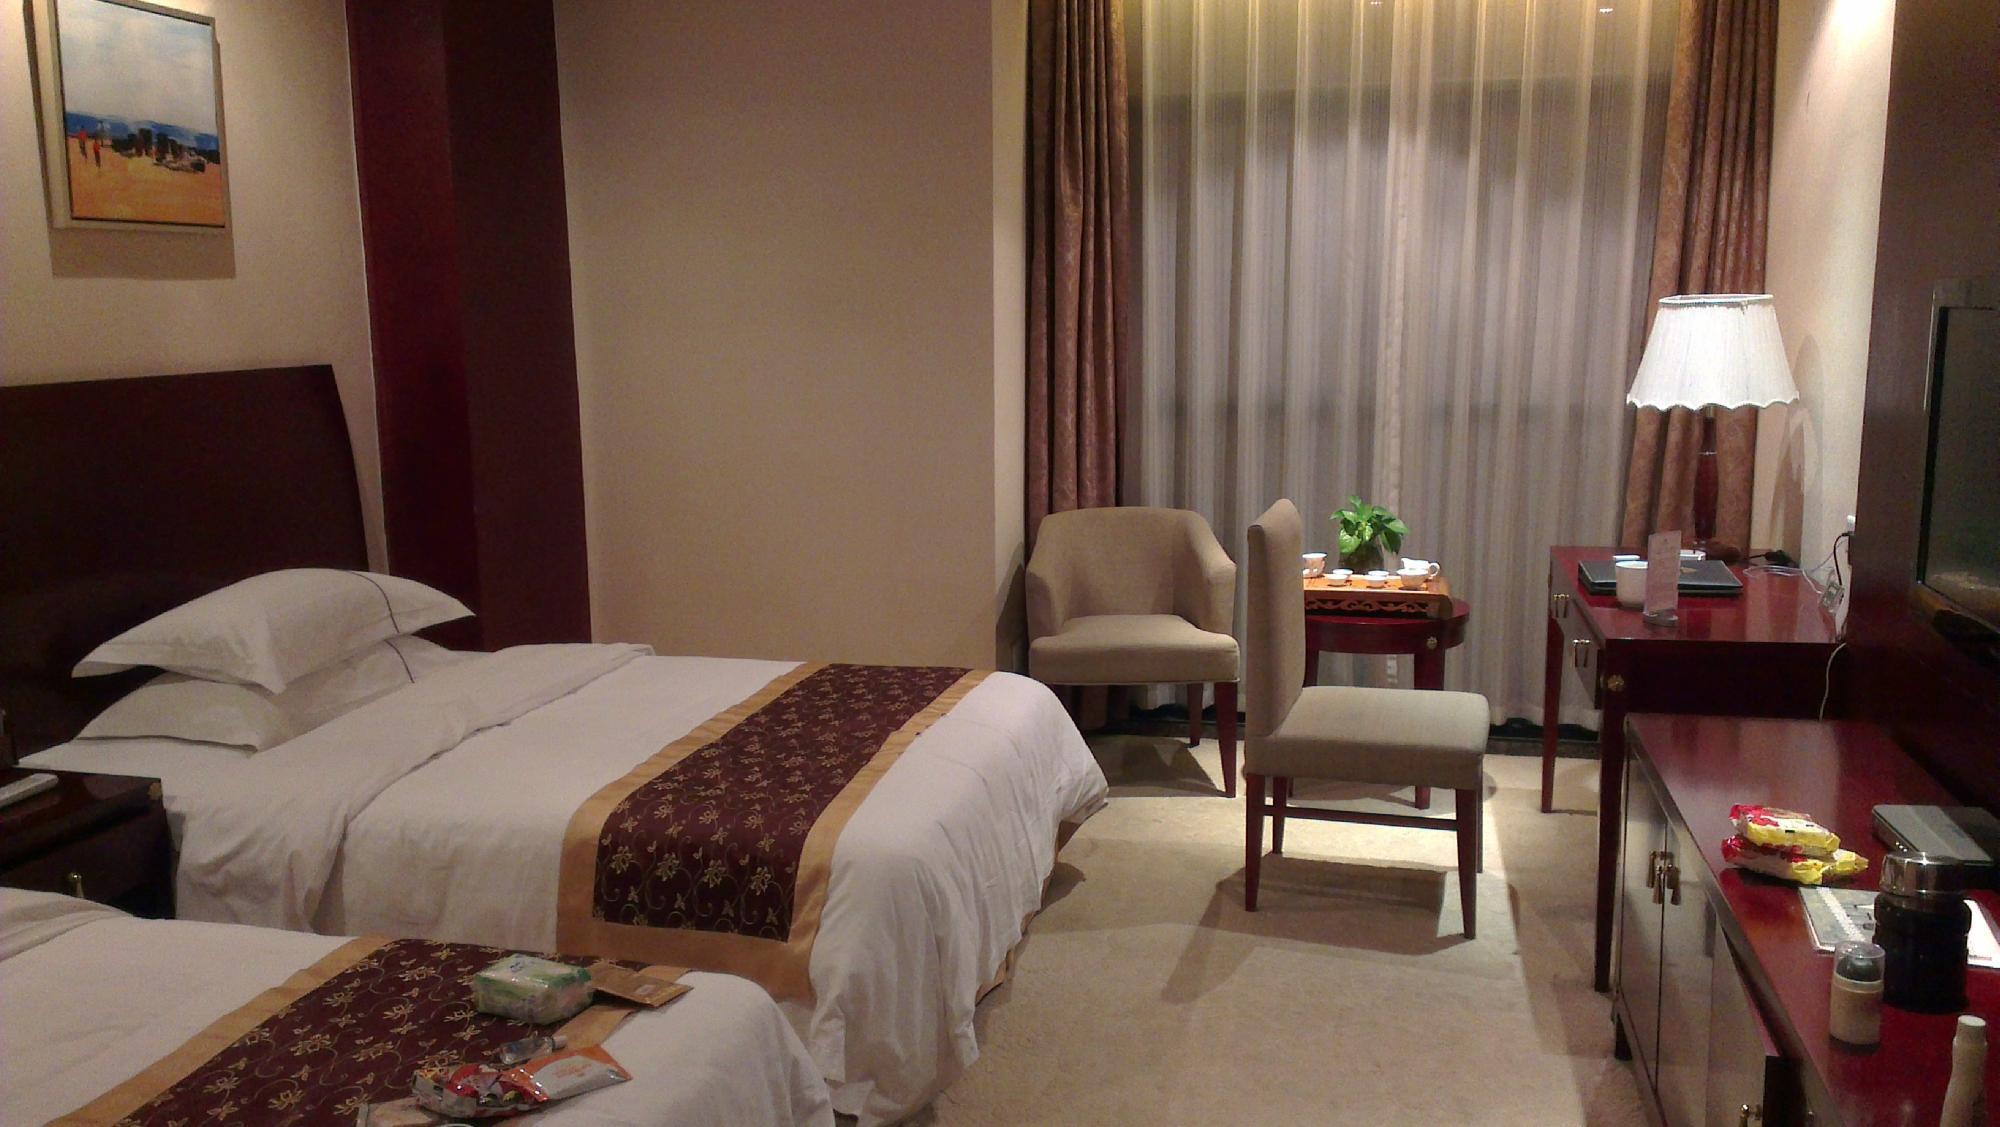 Yicuiyuan Hotel